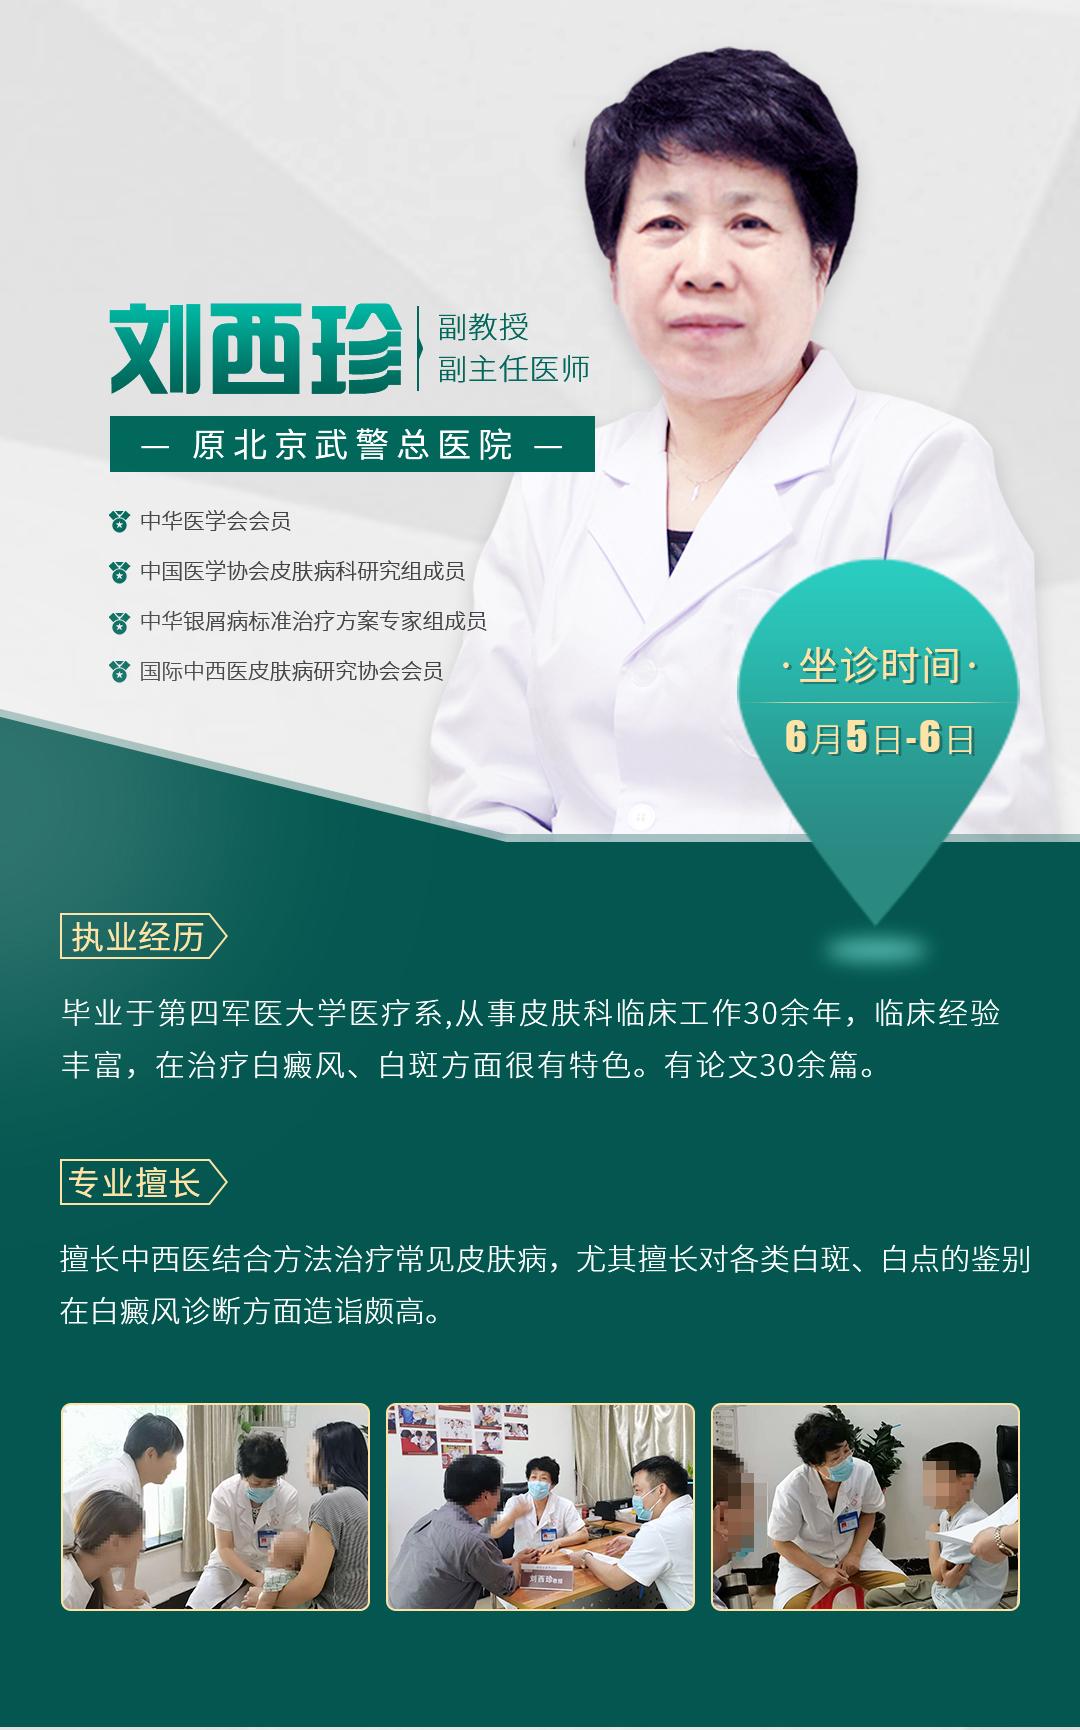 6.5-6日北京祛白专家刘西珍公益巡诊中研